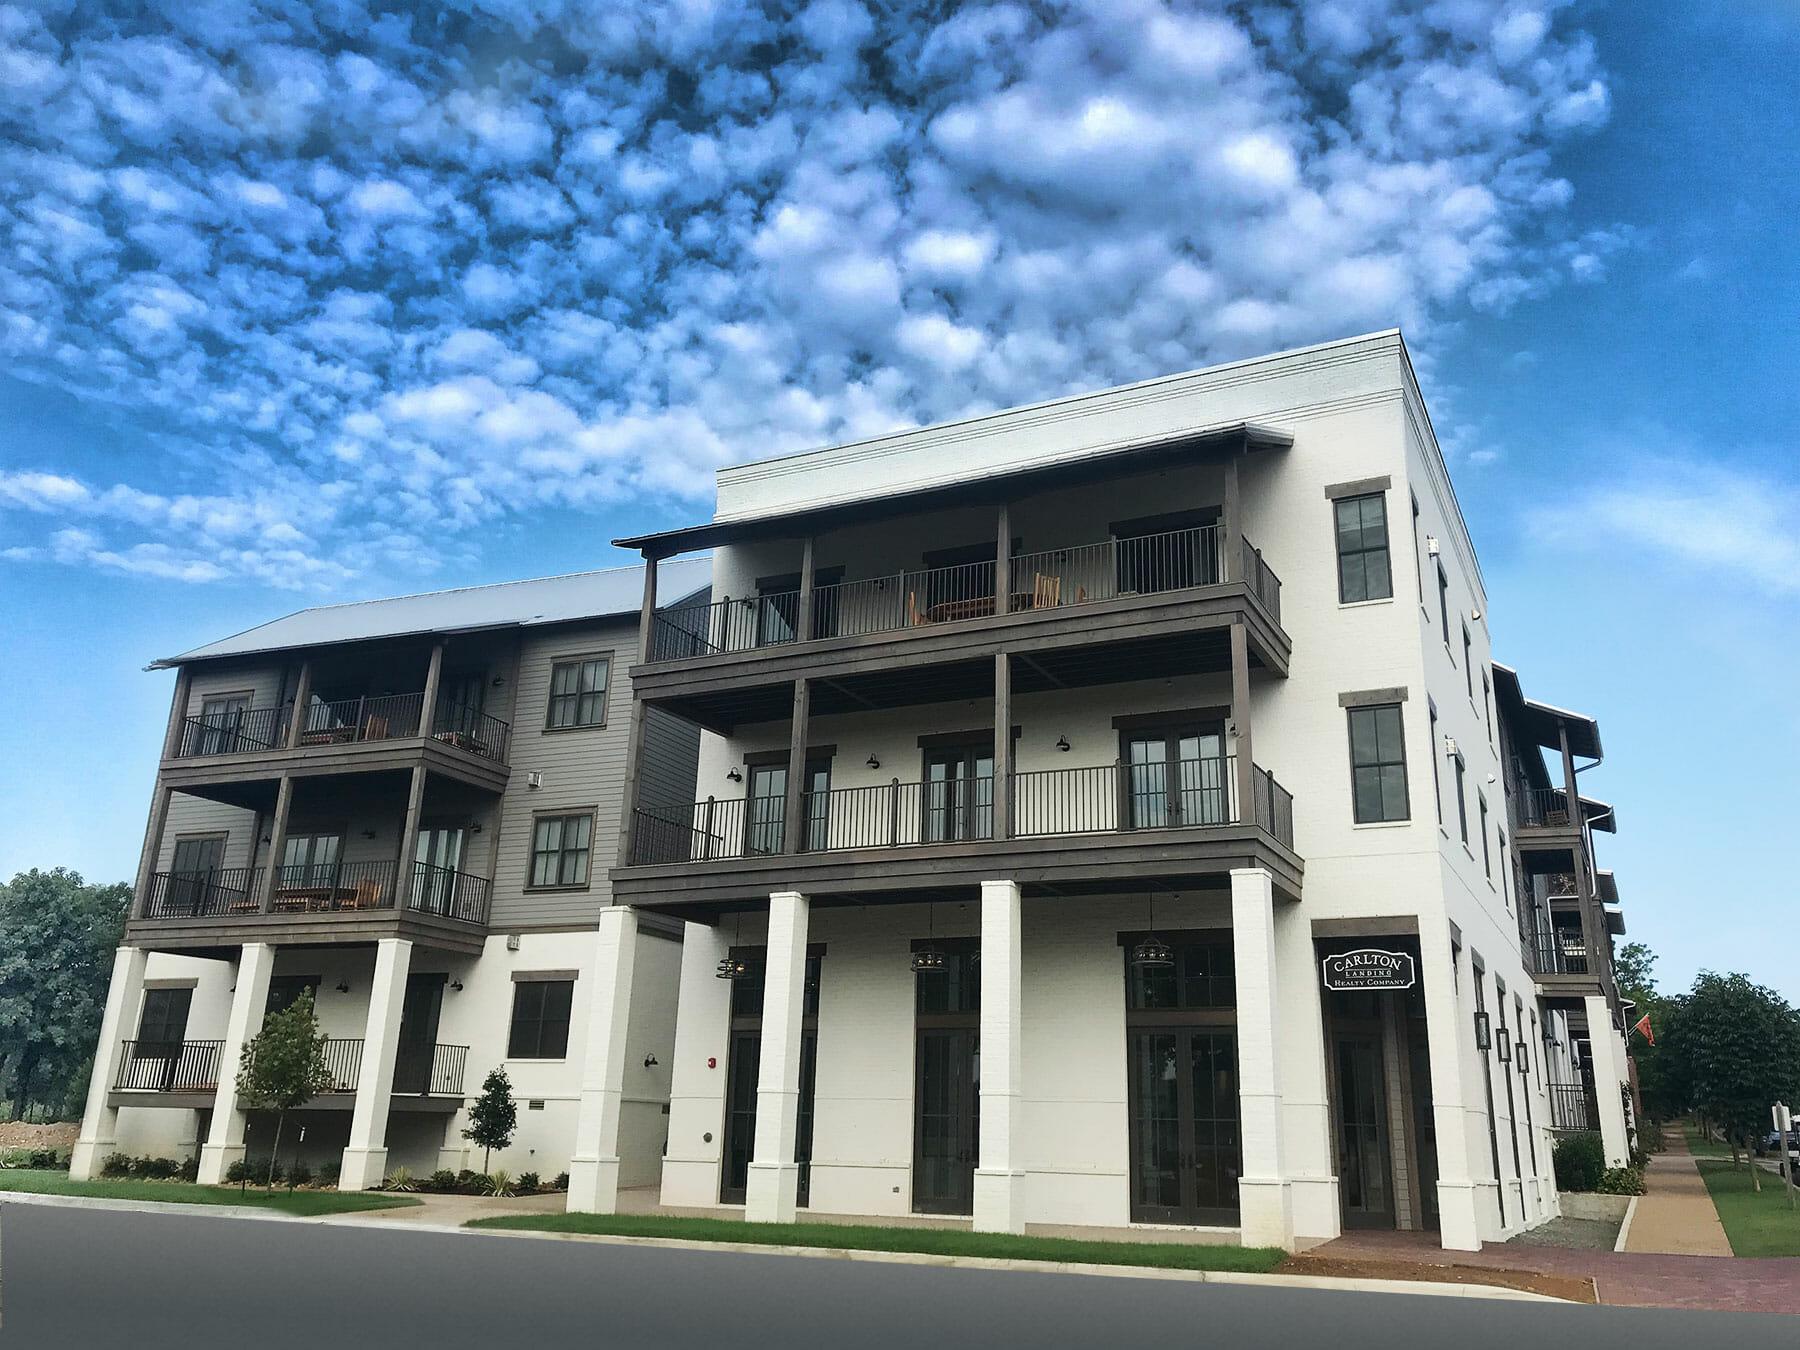 Residence Club at Carlton Landing